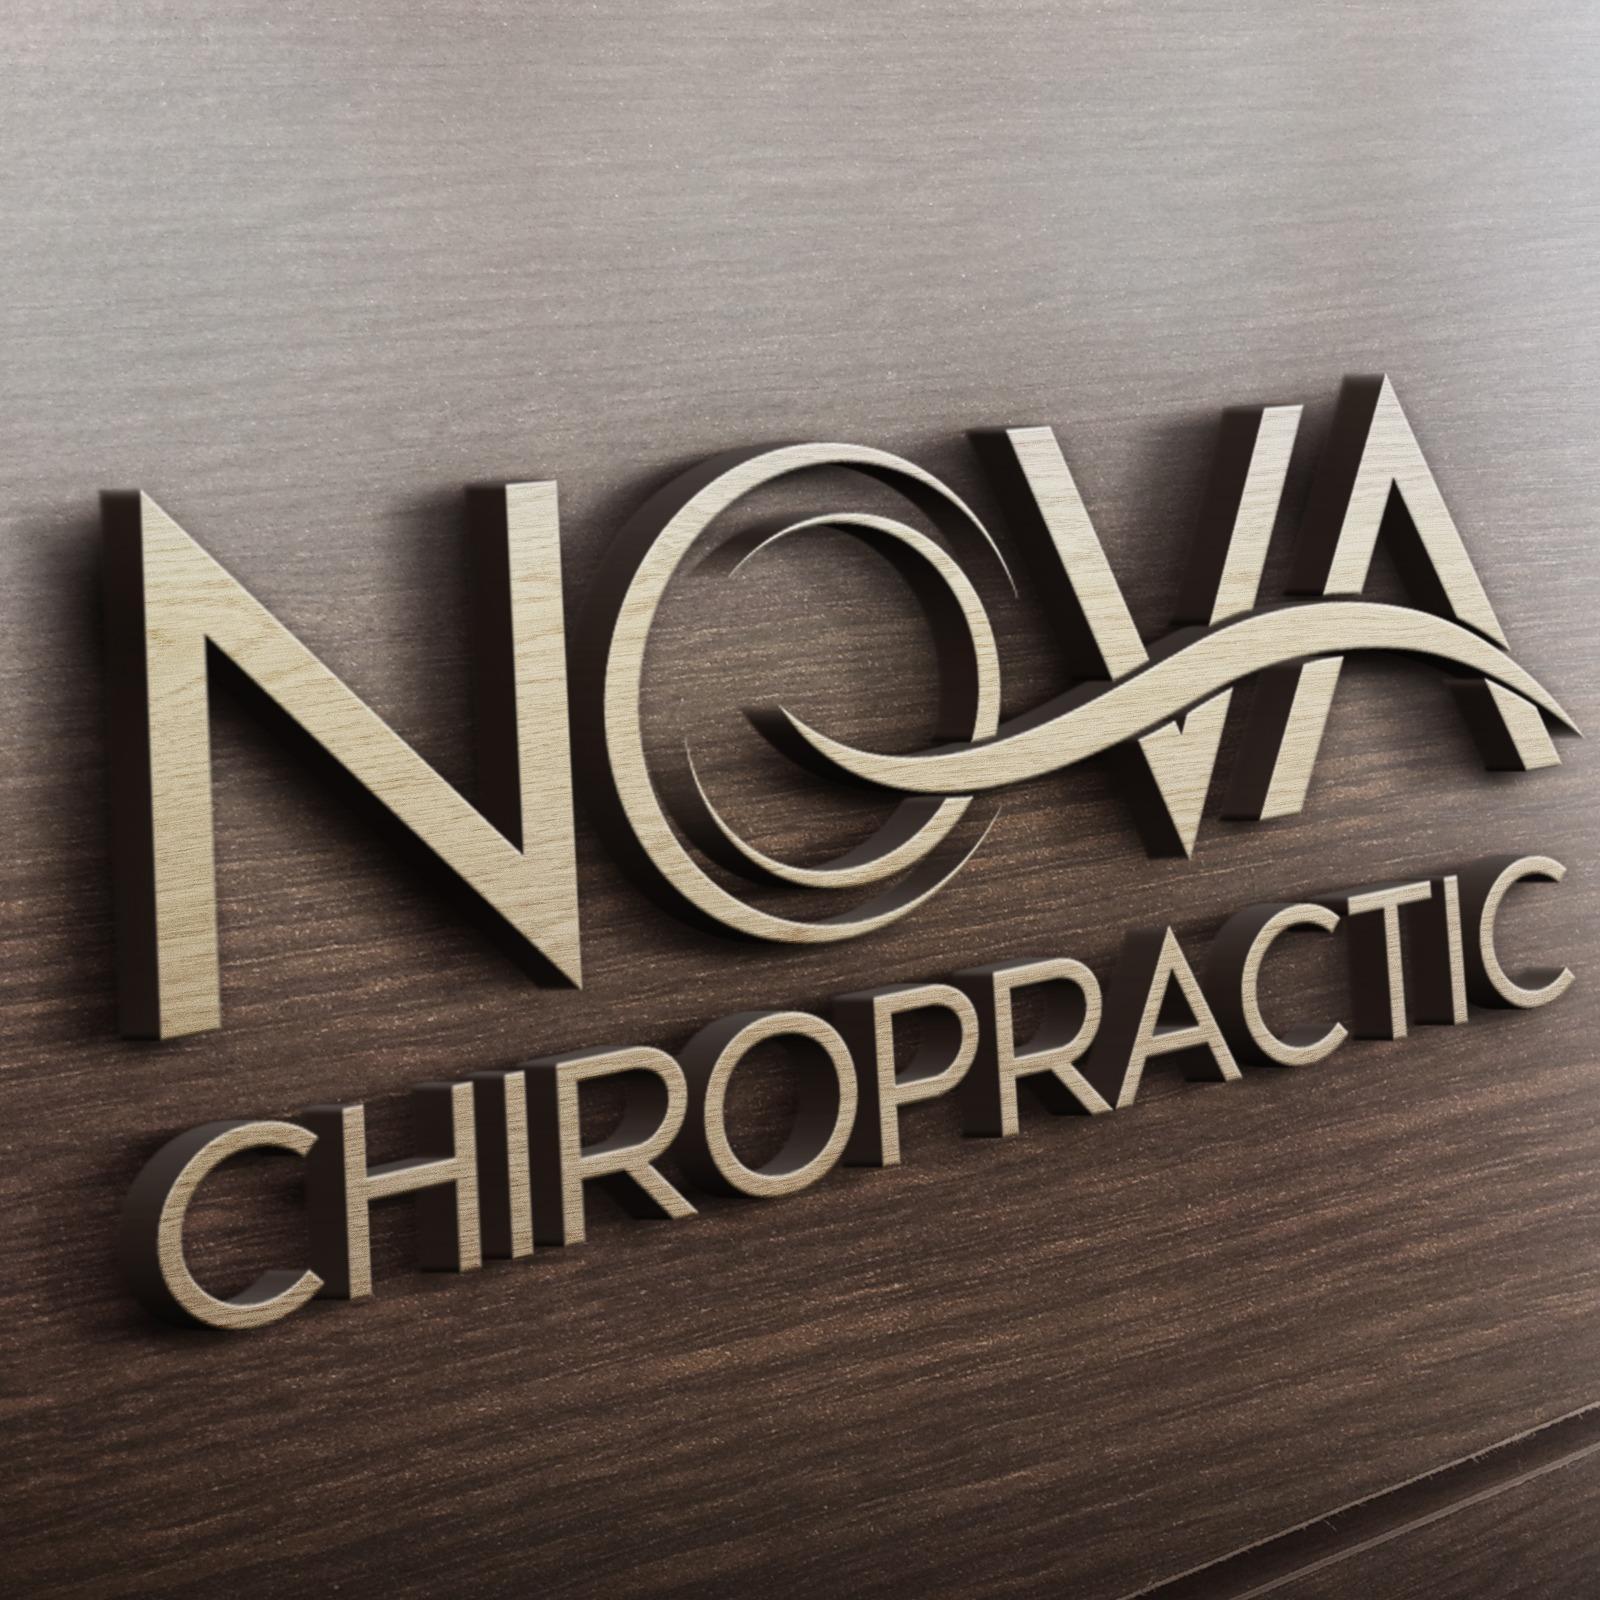 Nova Chiropractic image 5